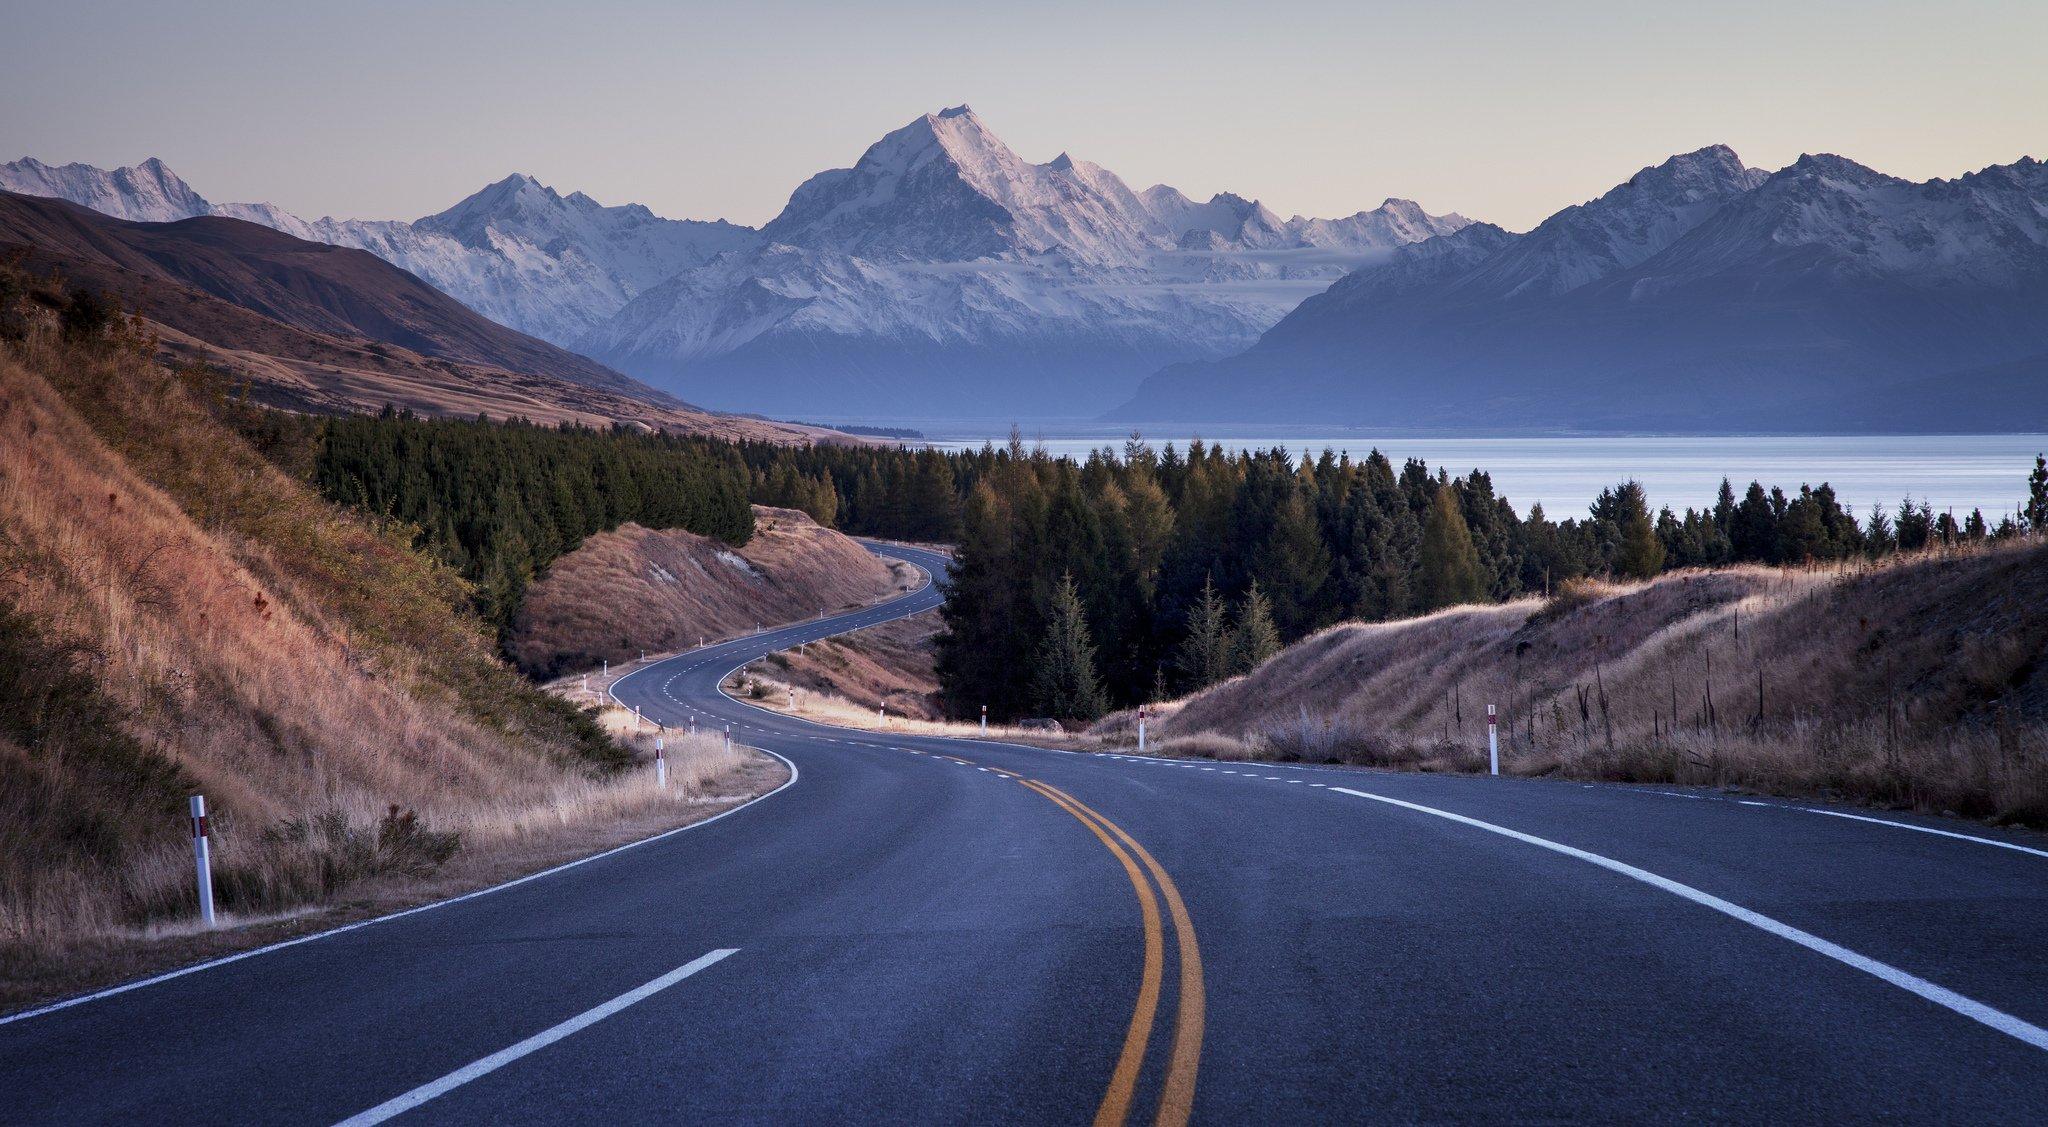 Ехать в машине без водителя говорит о грядущих переменах, но какими именно будут изменения — радостными или печальными, — неизвестно.